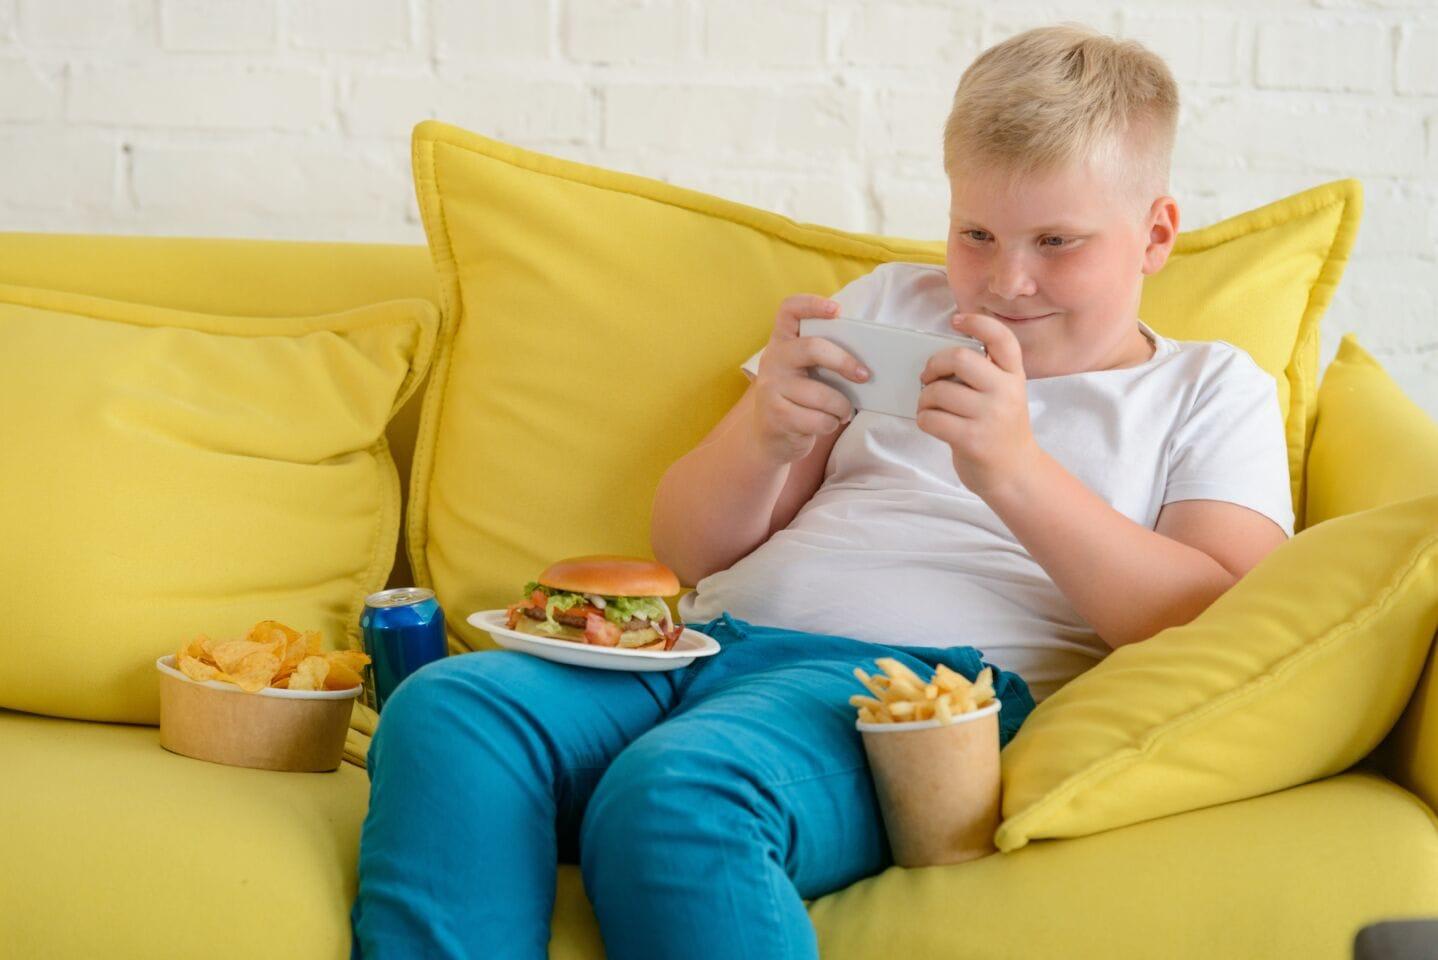 Corona-Stubenhocker & Co: Immer mehr übergewichtige Kinder